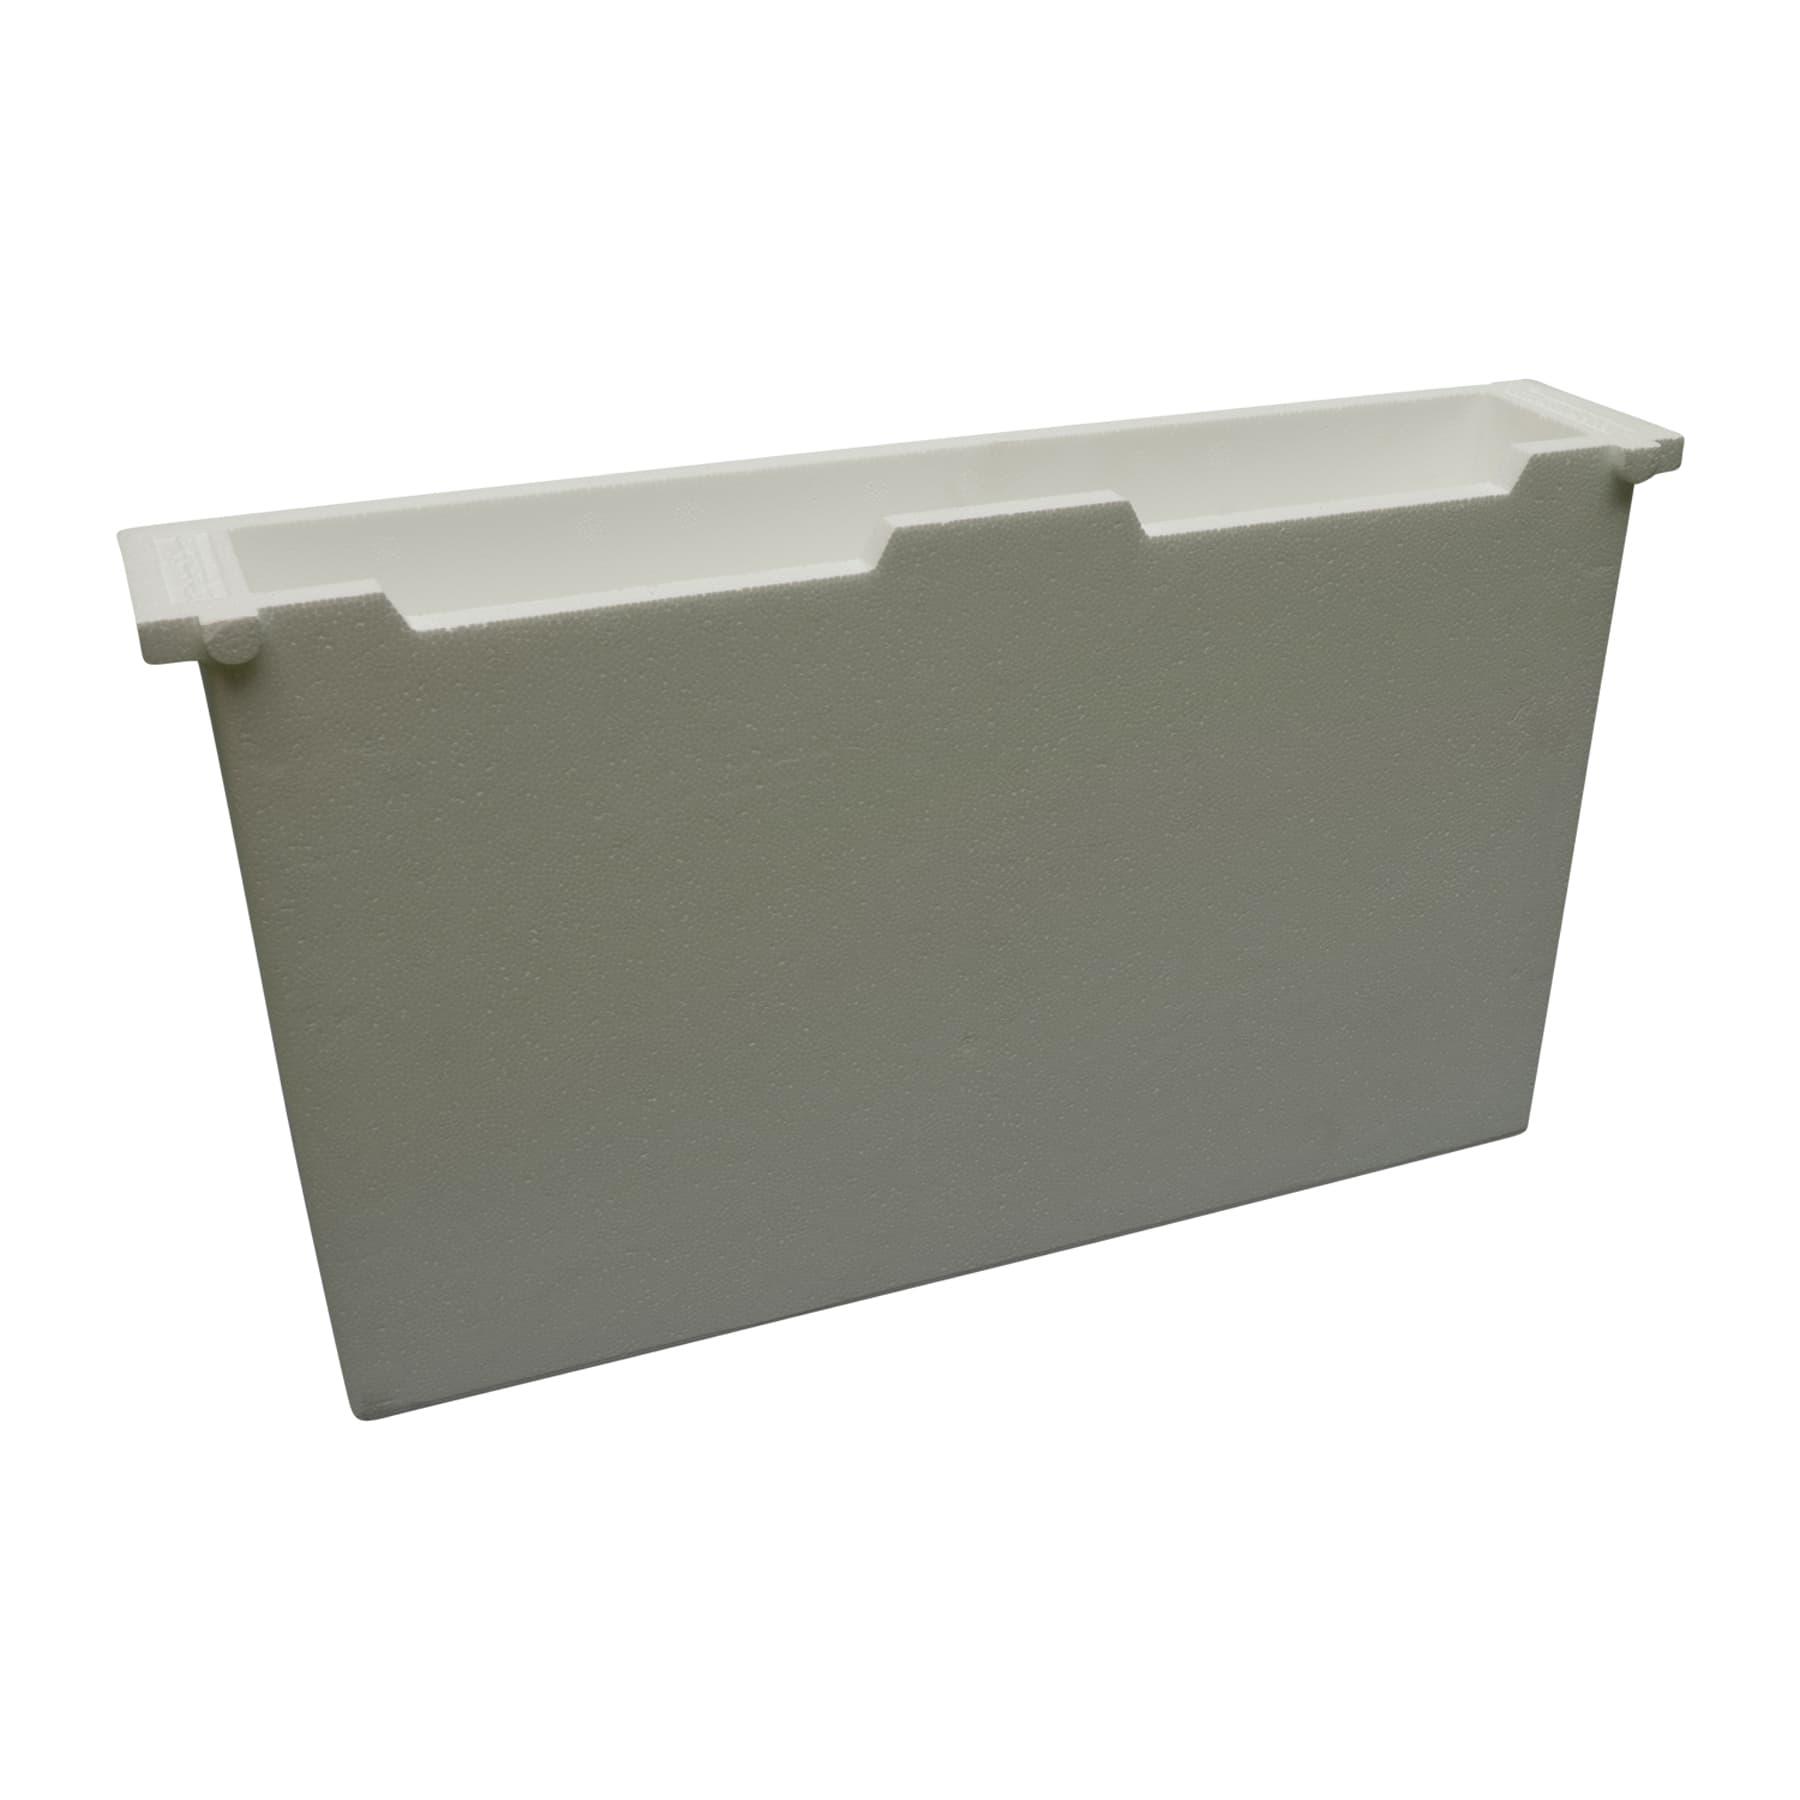 Futtertasche aus Styropor DN 70 mm breit (entspricht 2 Rähmchen)